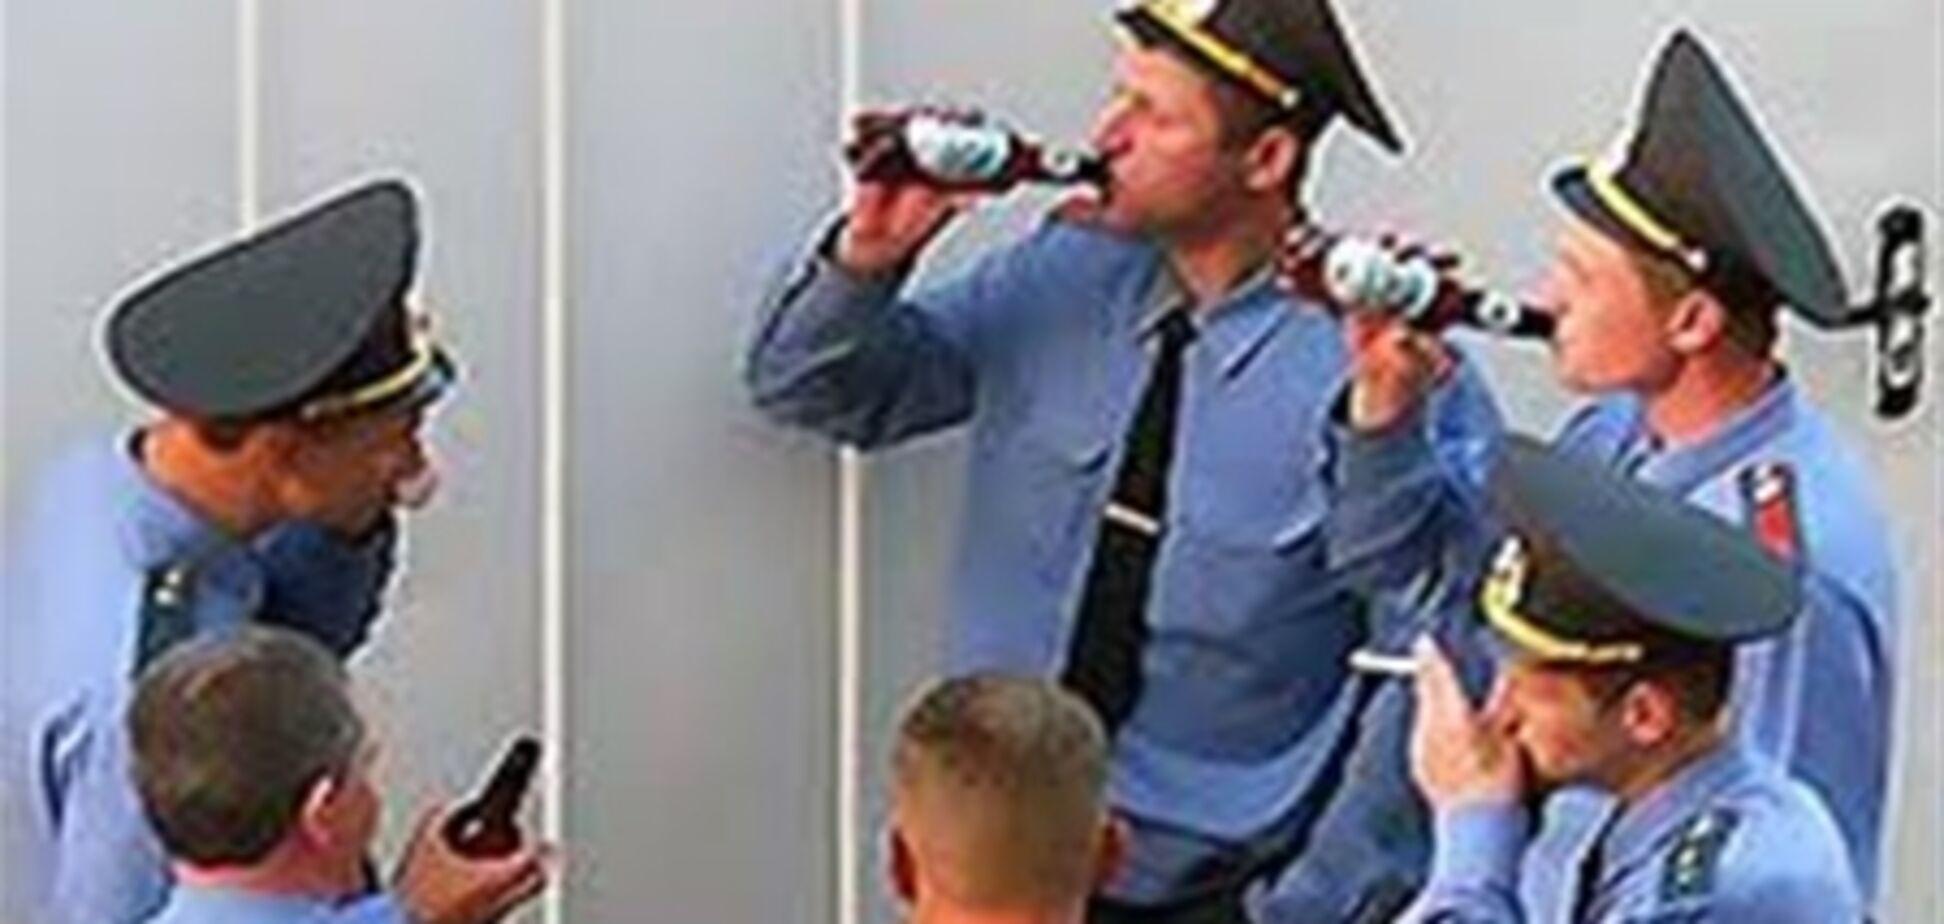 LIVE. Как в России отмечали последний день милиции. Видео